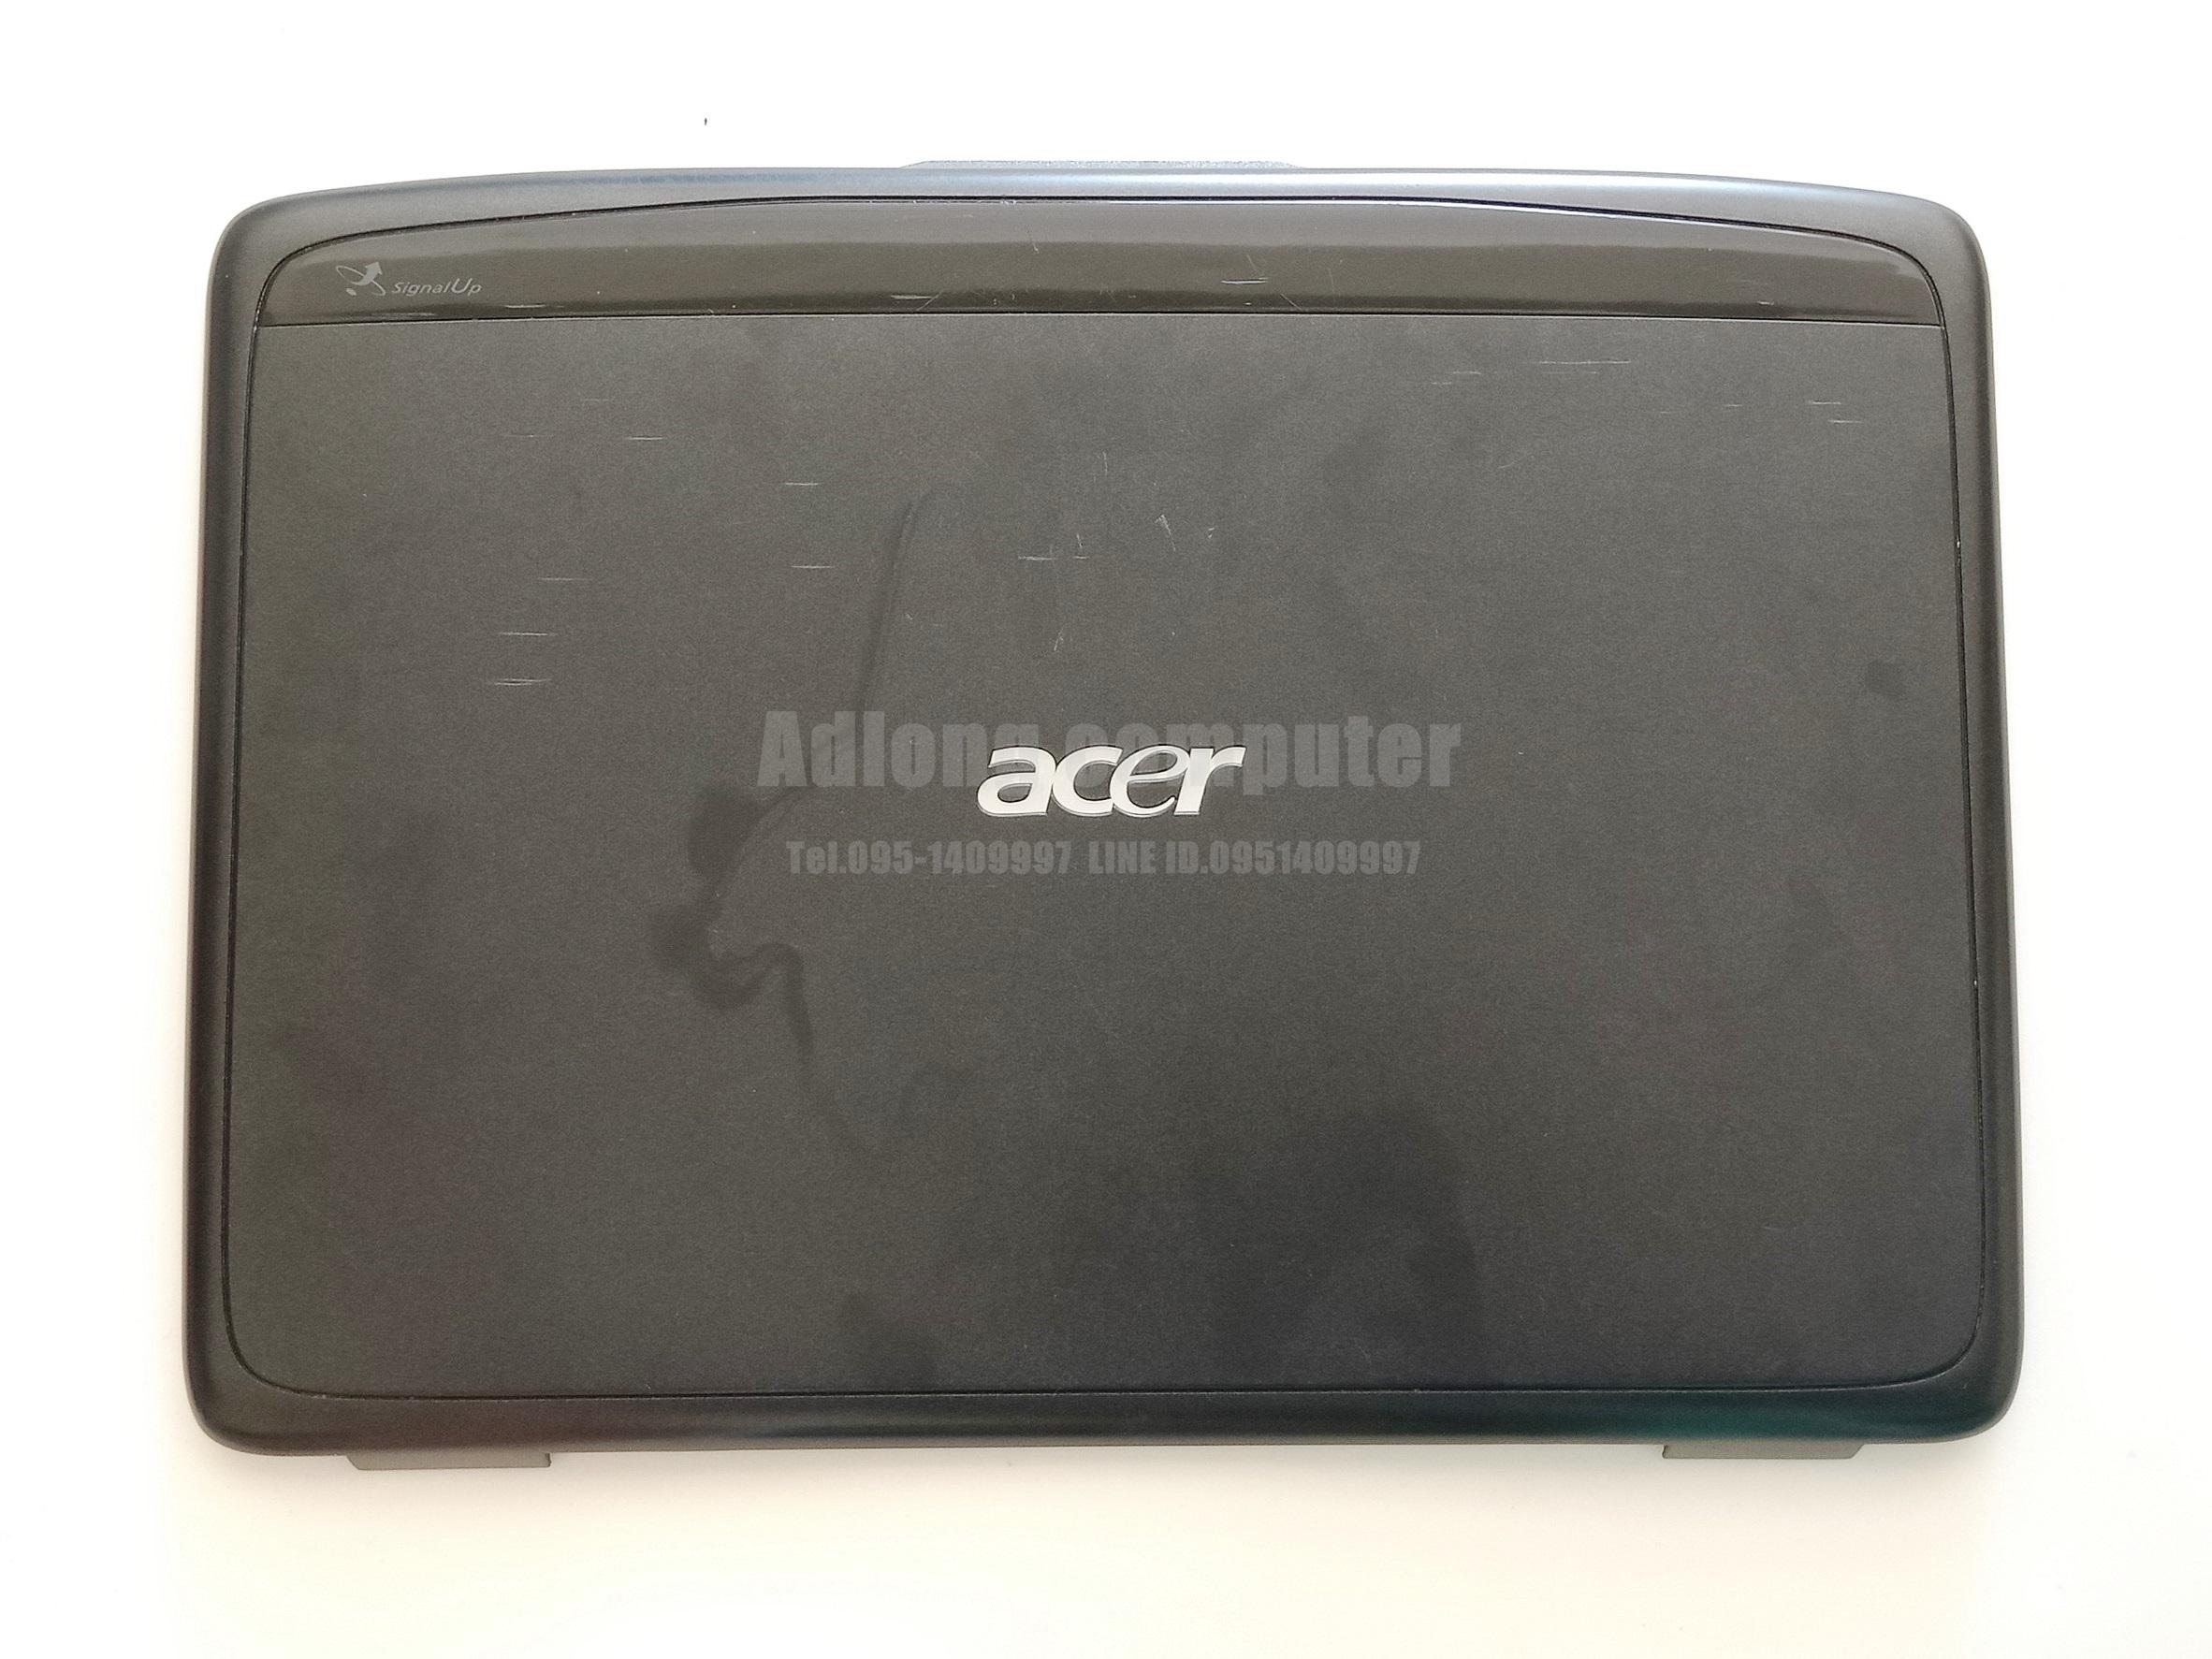 บอดี้ฝาหลังจอโน๊ตบุ๊ค Acer aspire 4520,4720